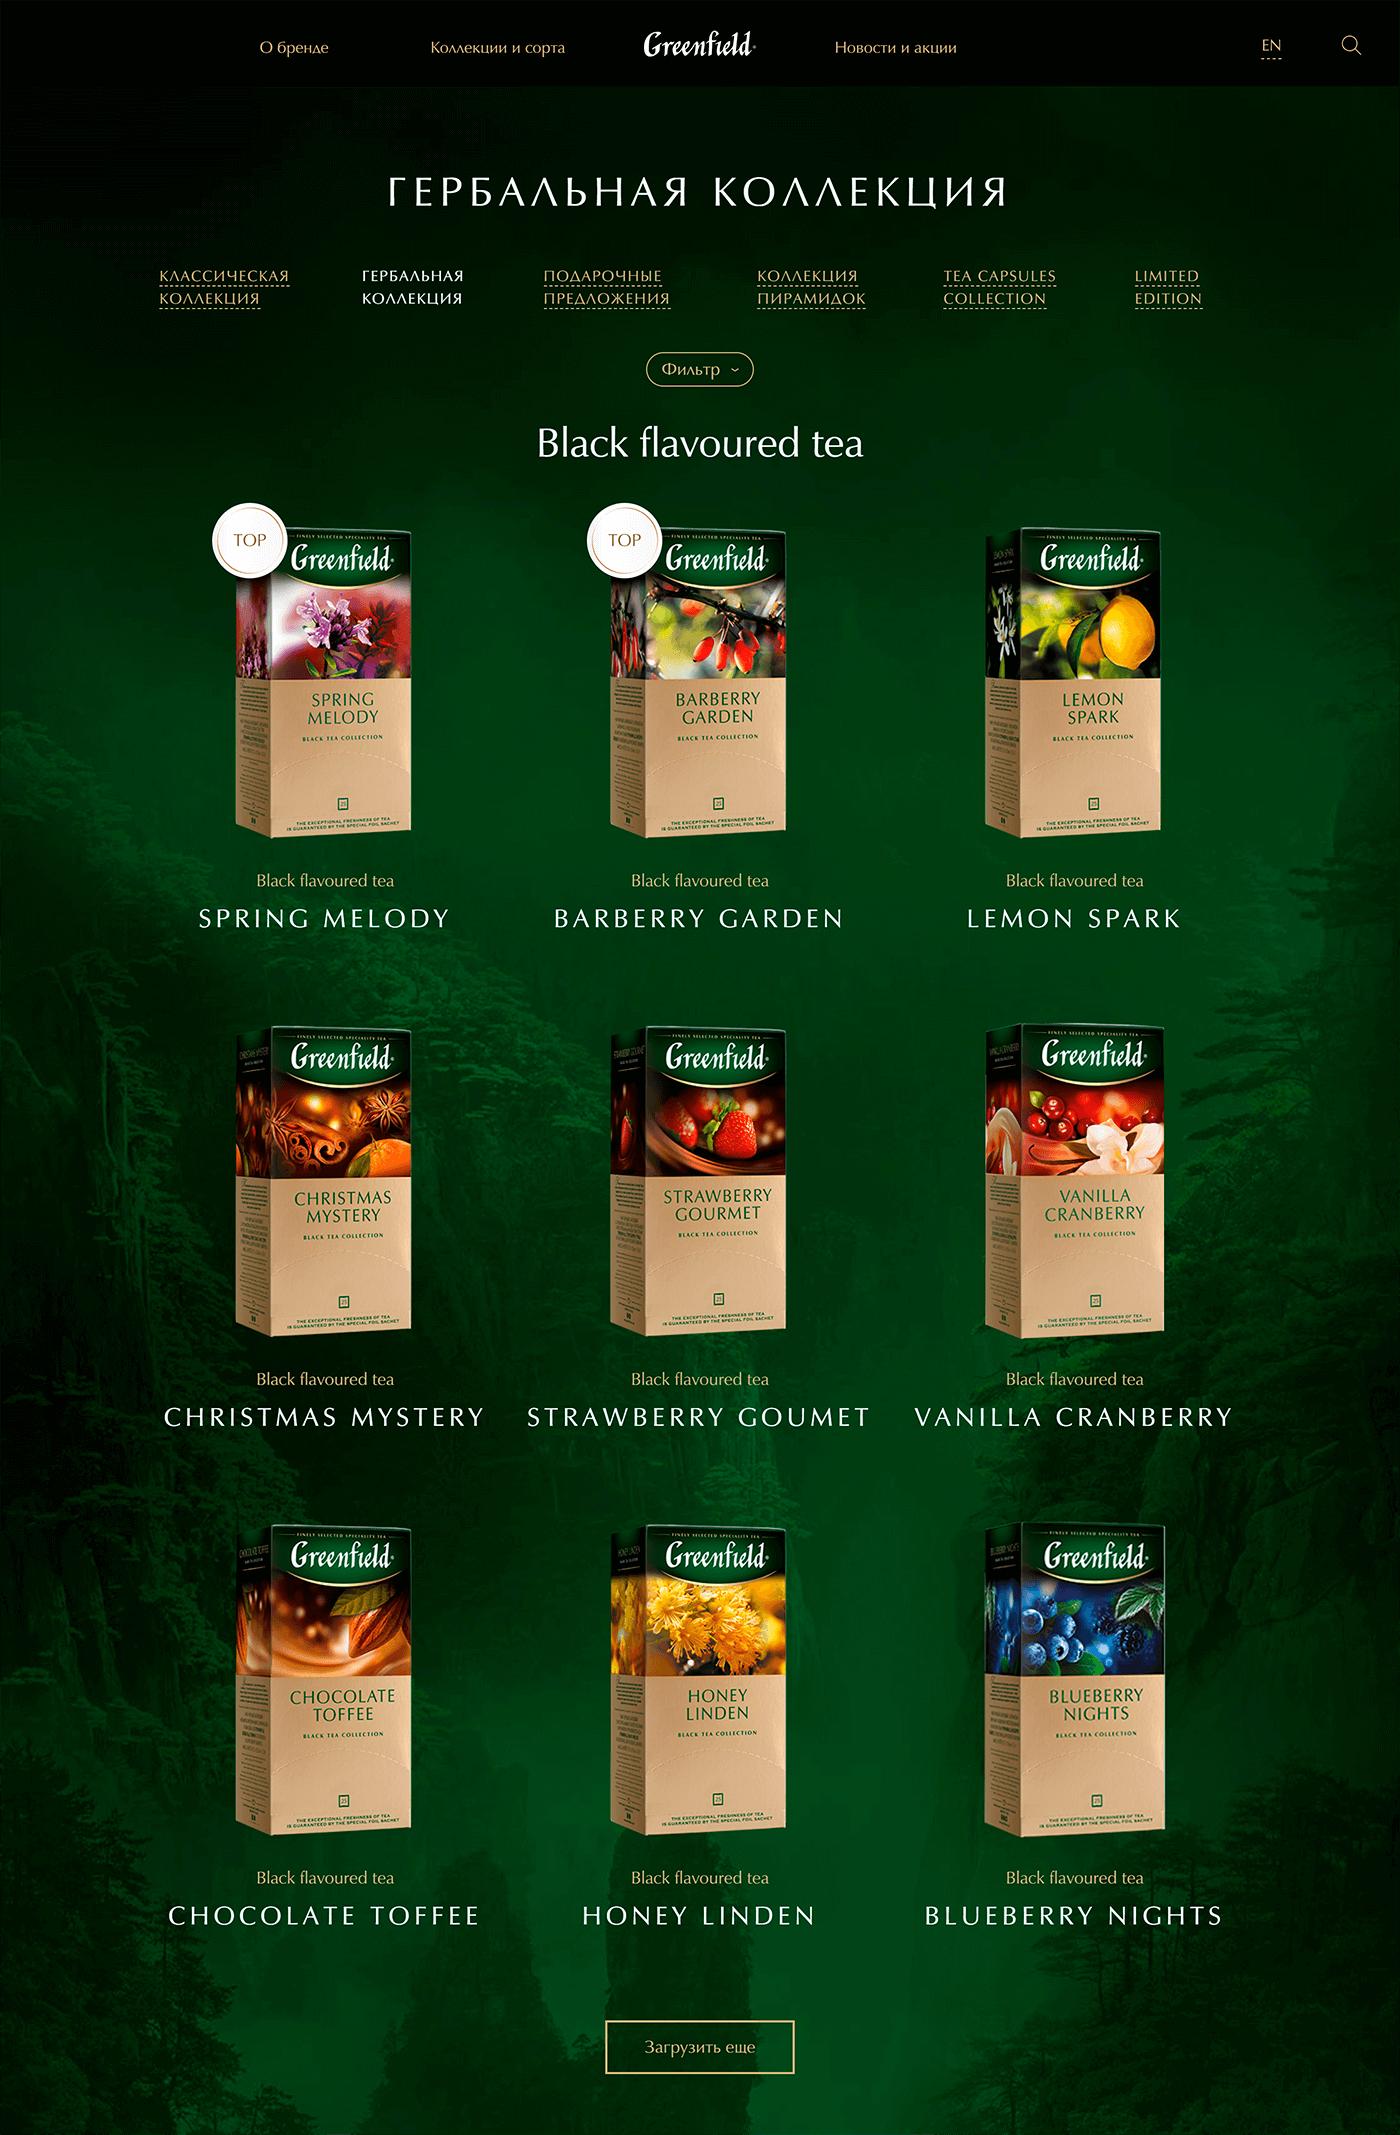 Все чаи разделены наколлекции: вклассической вынайдёте традиционные сорта чёрного изелёного чая, вгербальной— интересные сочетания чая, трав идобавок. Также влинейке есть чай впирамидках сэкзотическими купажами илимитированная коллекция ссовершенно неожиданными видами чая.